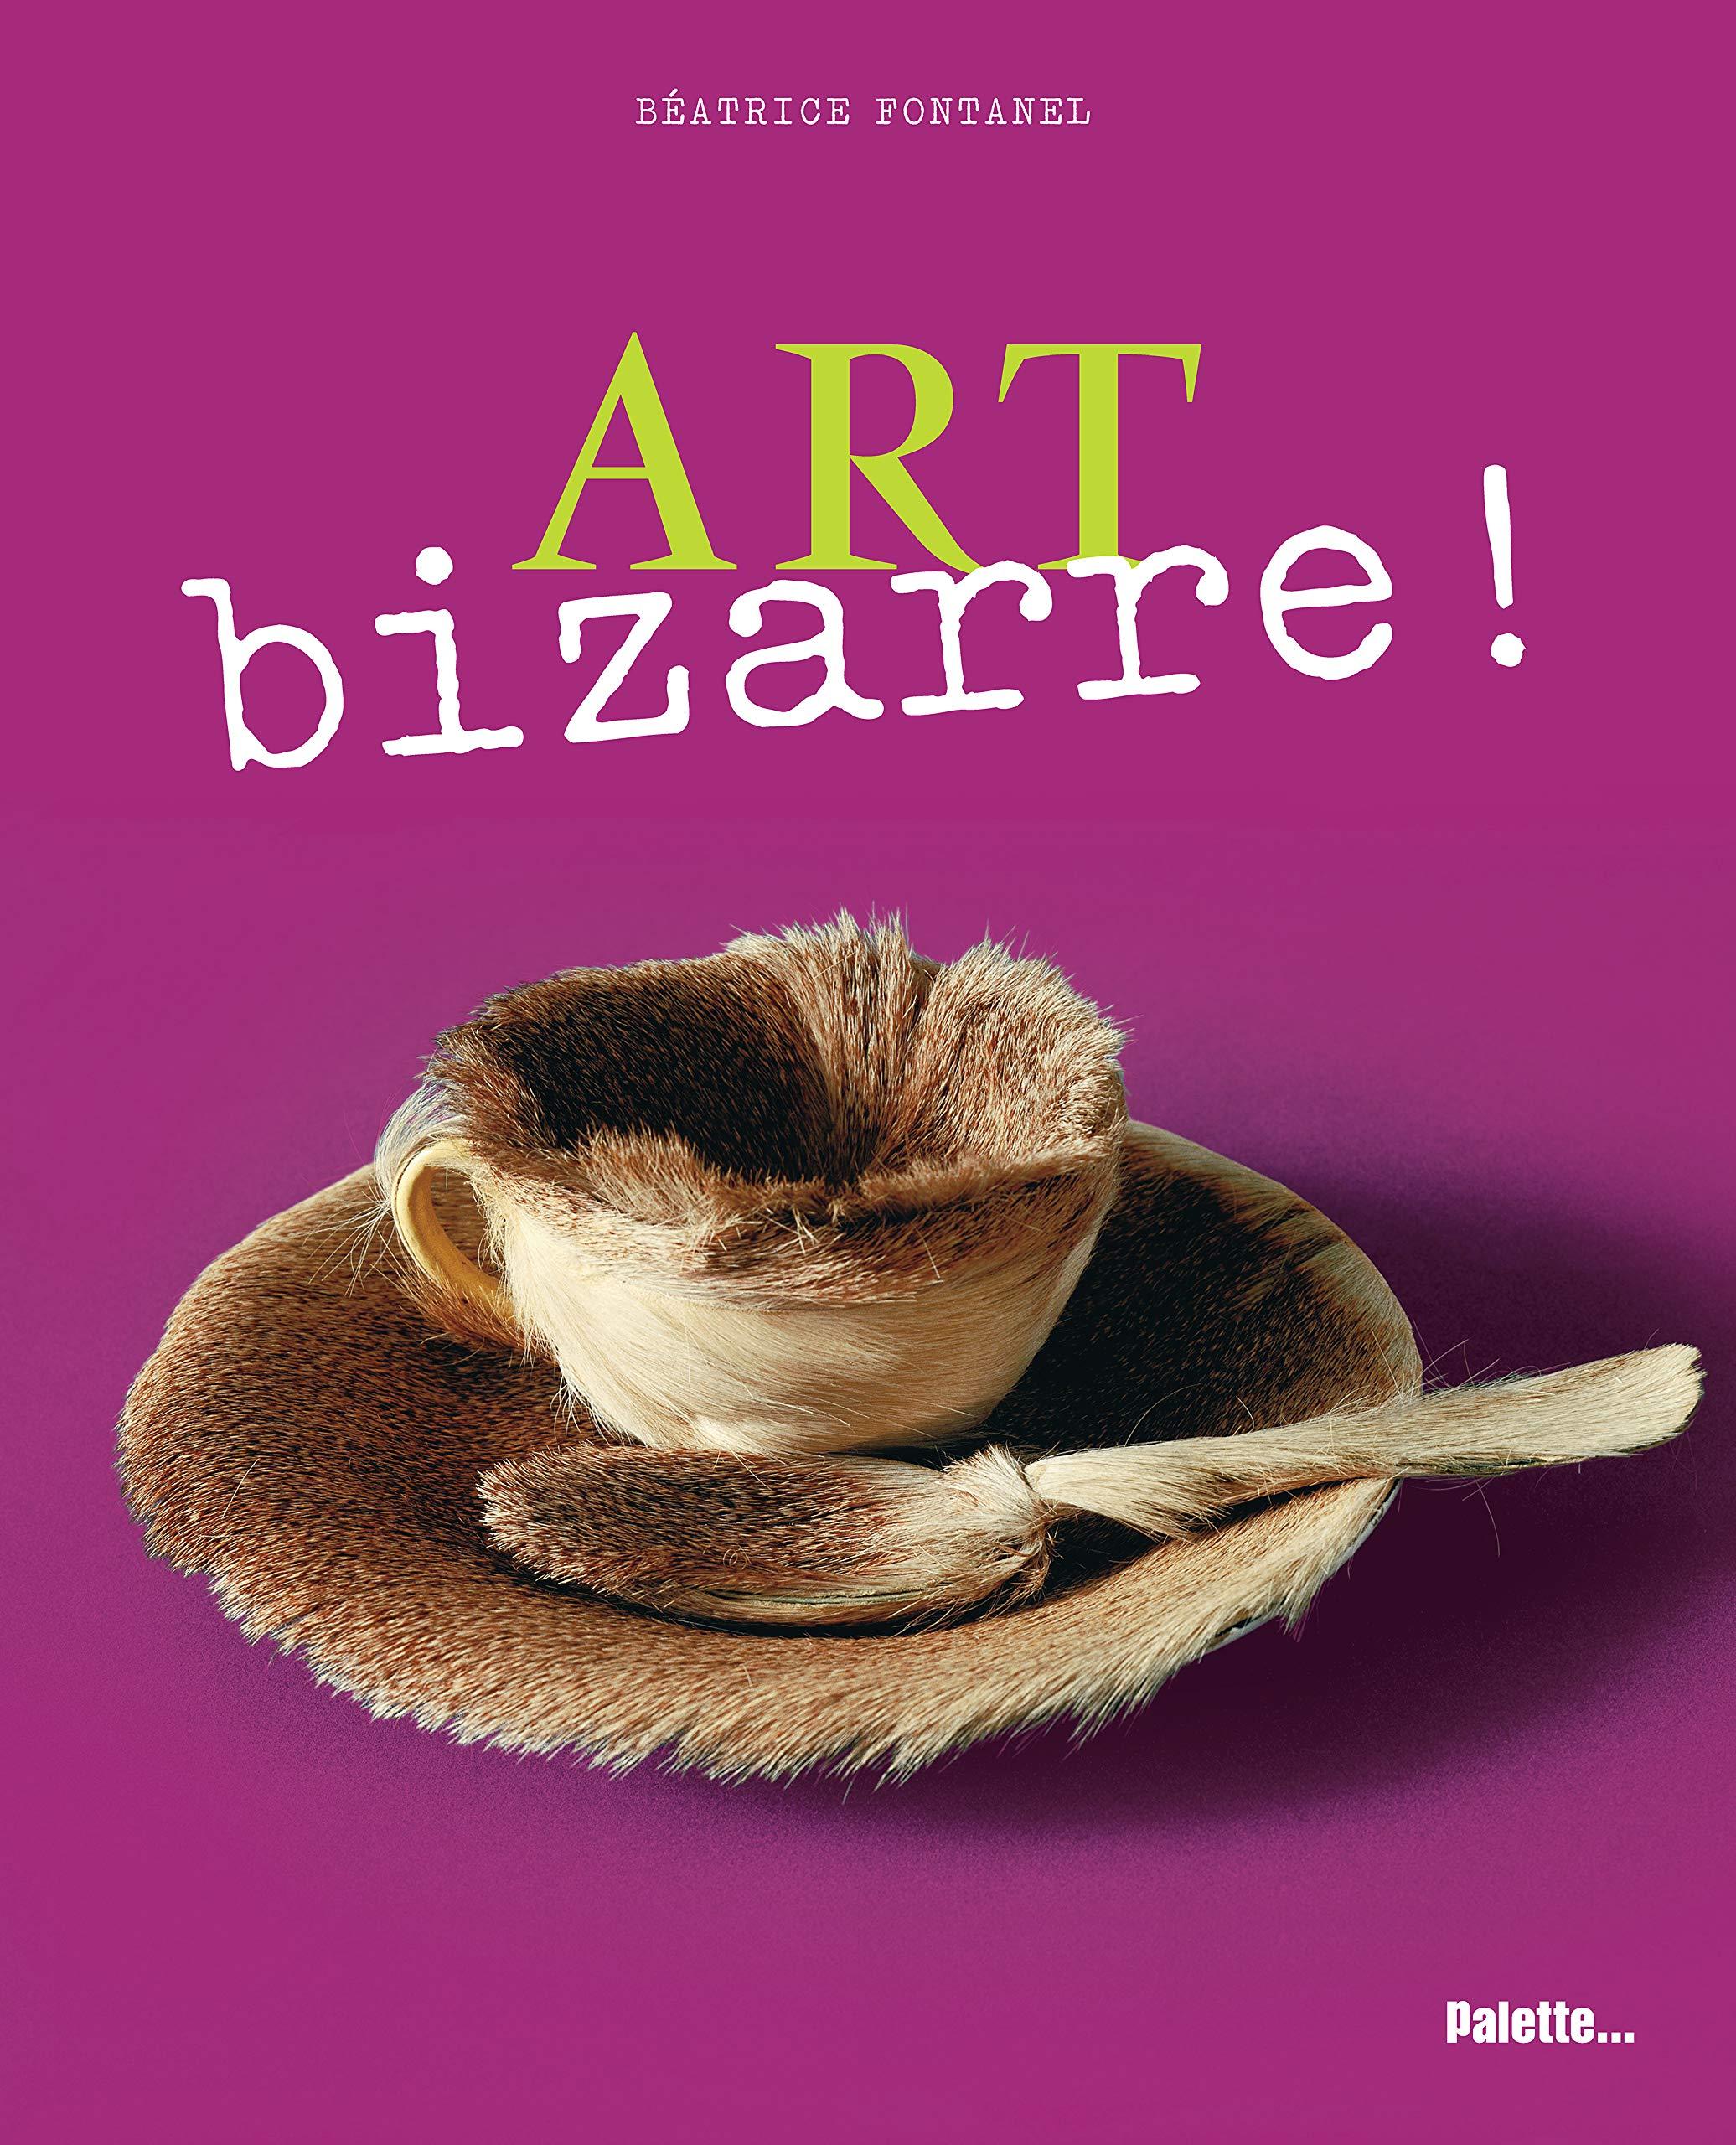 Art bizarre!: Amazon.es: Fontanel, Béatrice: Libros en idiomas ...